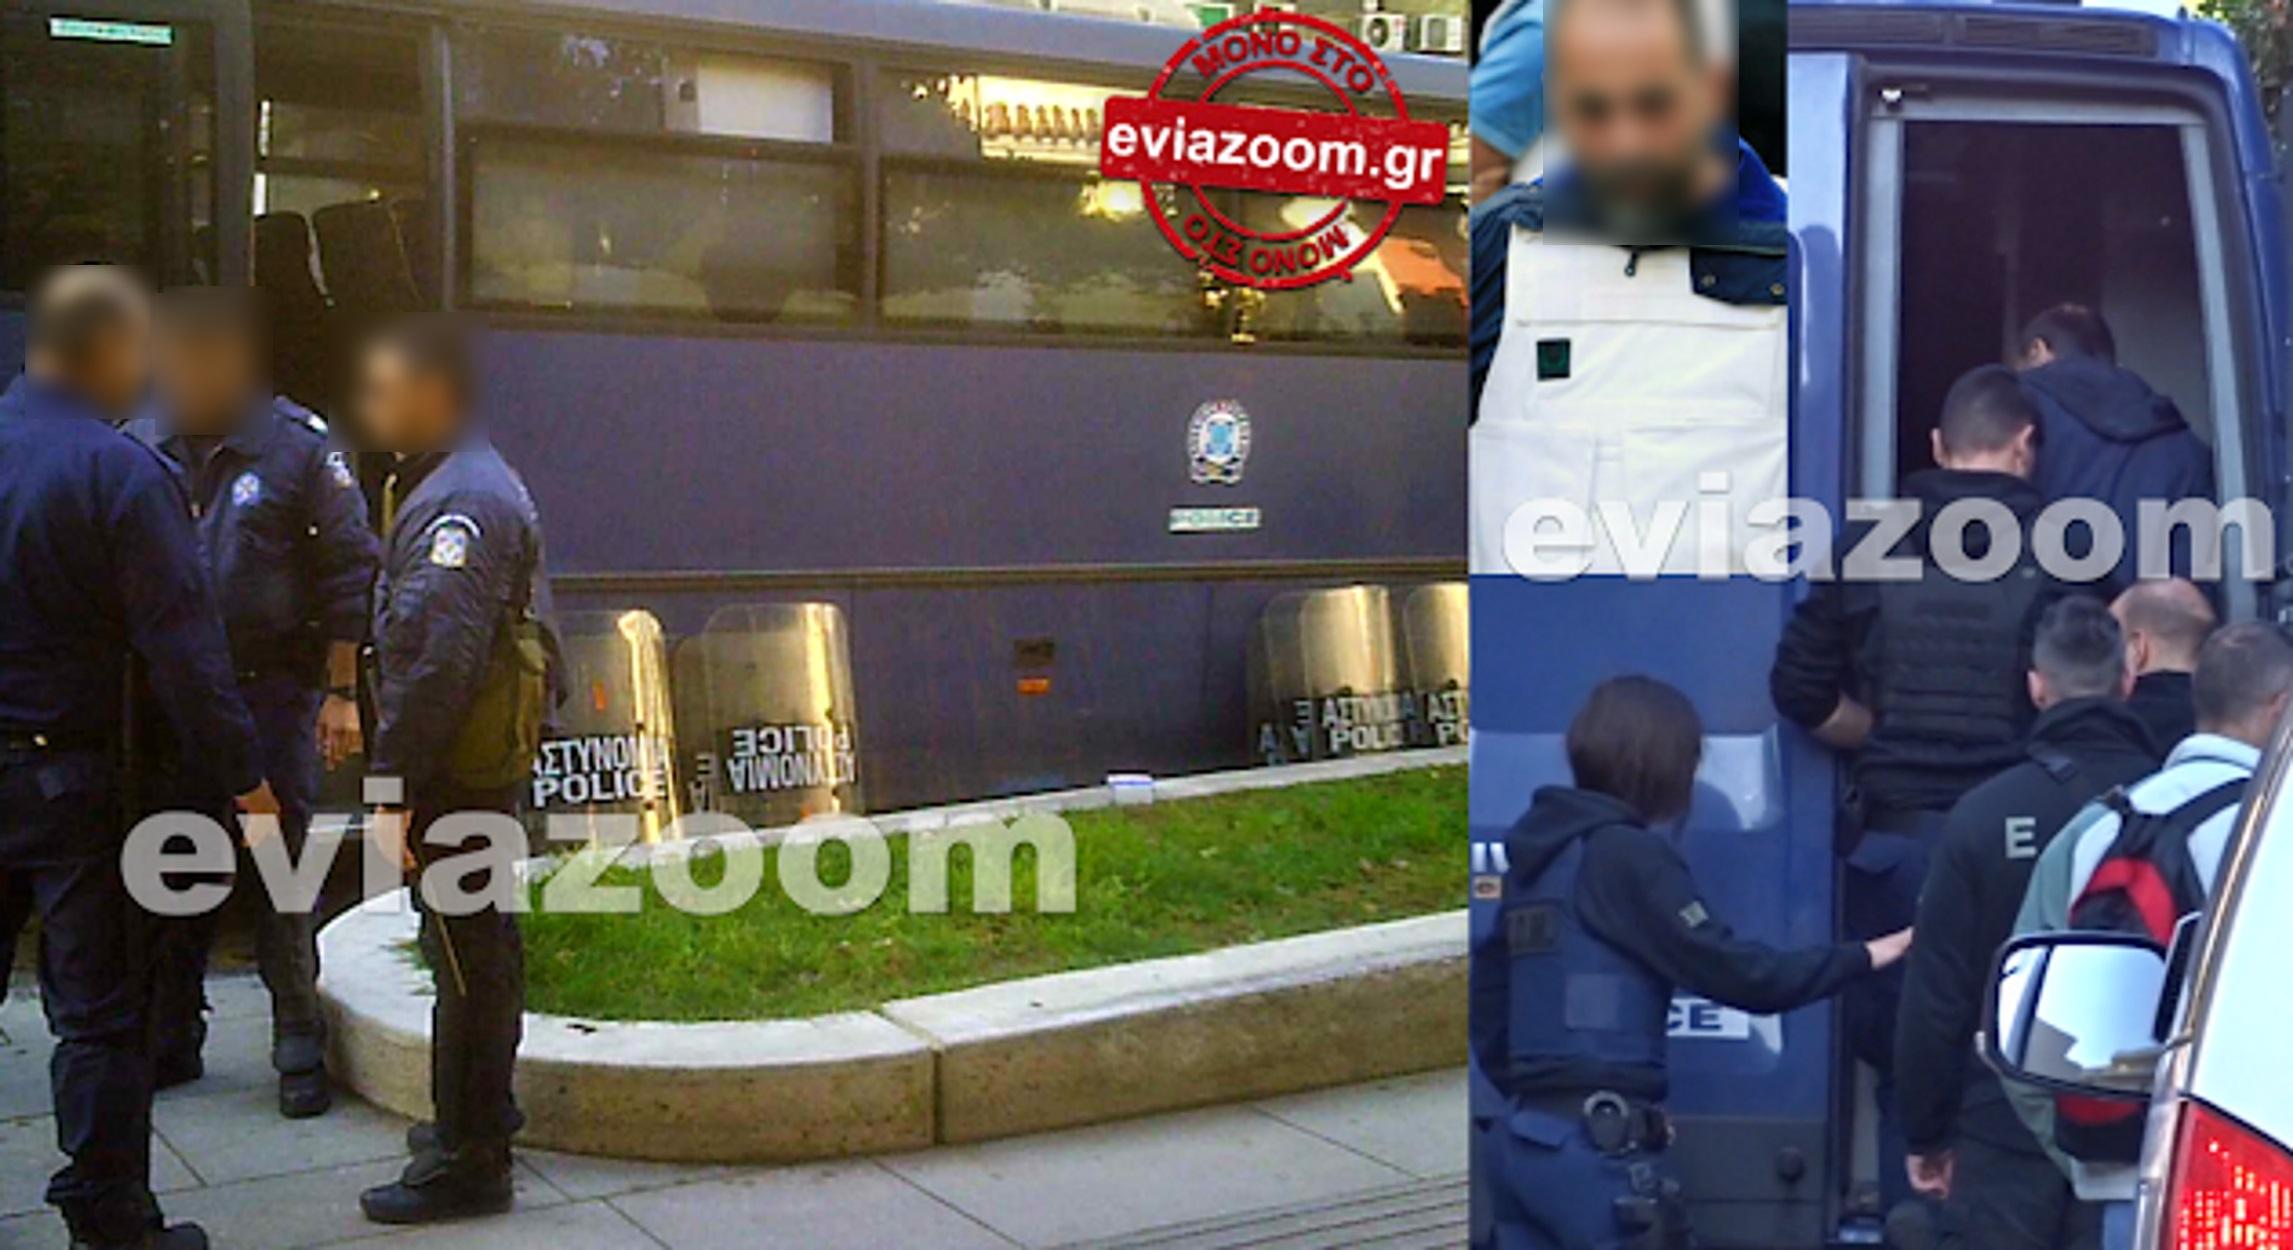 10 χρόνια κάθειρξη στον Σπύρο Χριστοδούλου για τη ληστεία τράπεζας στην Αιδηψό! [pics, video]